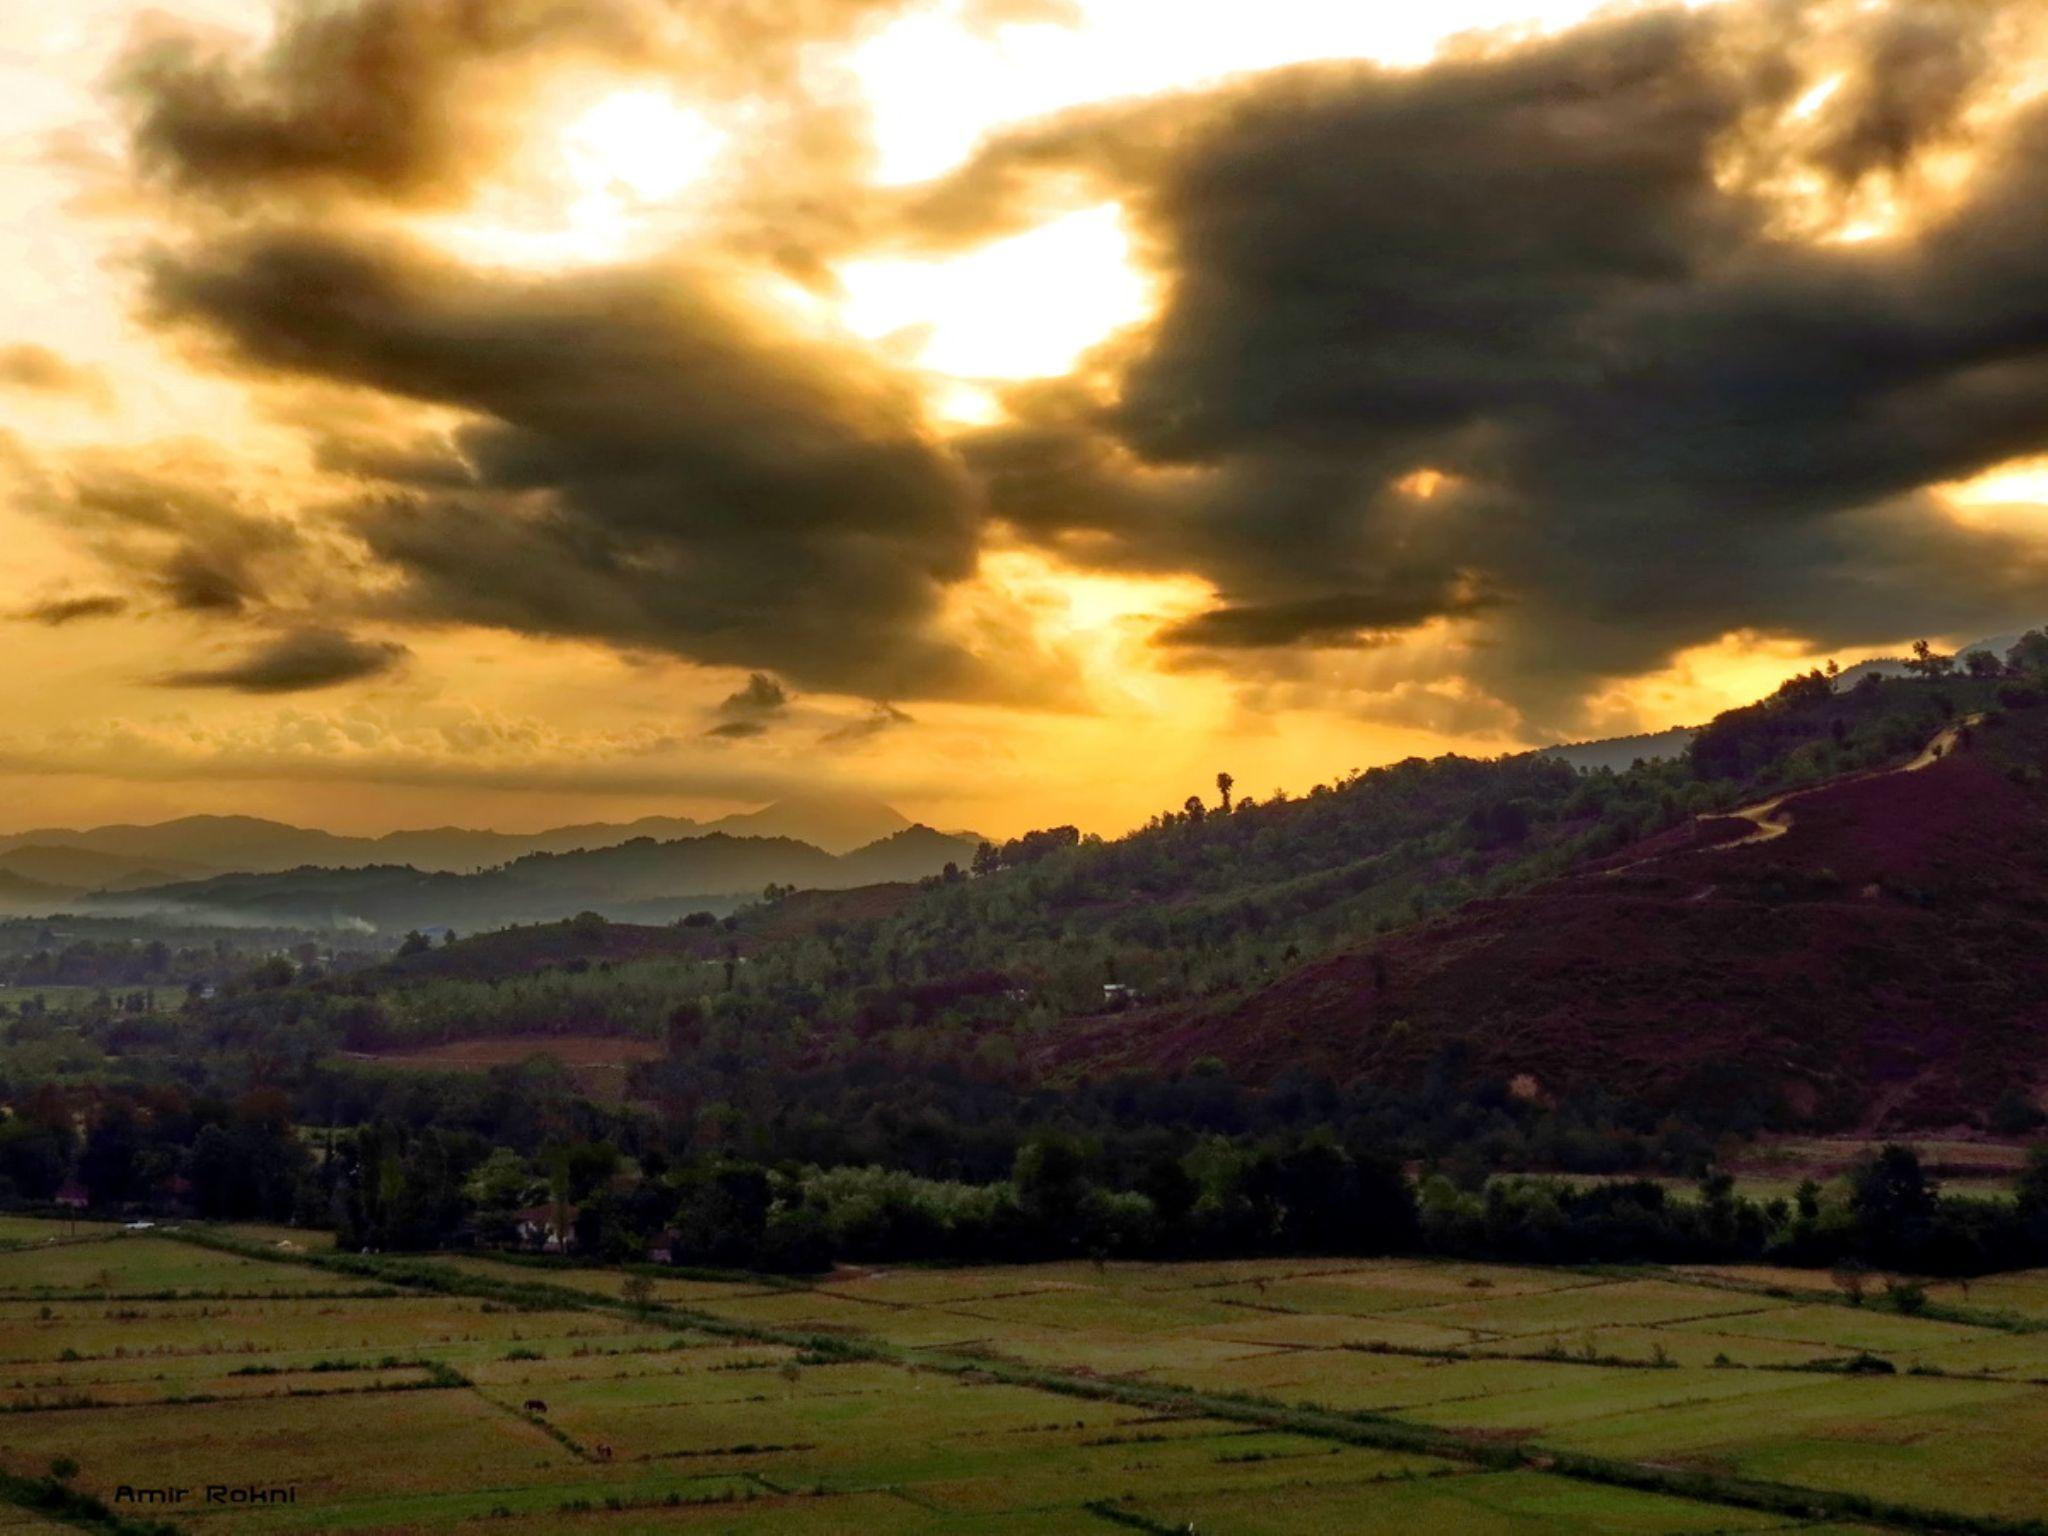 Sunrise by amirrokney